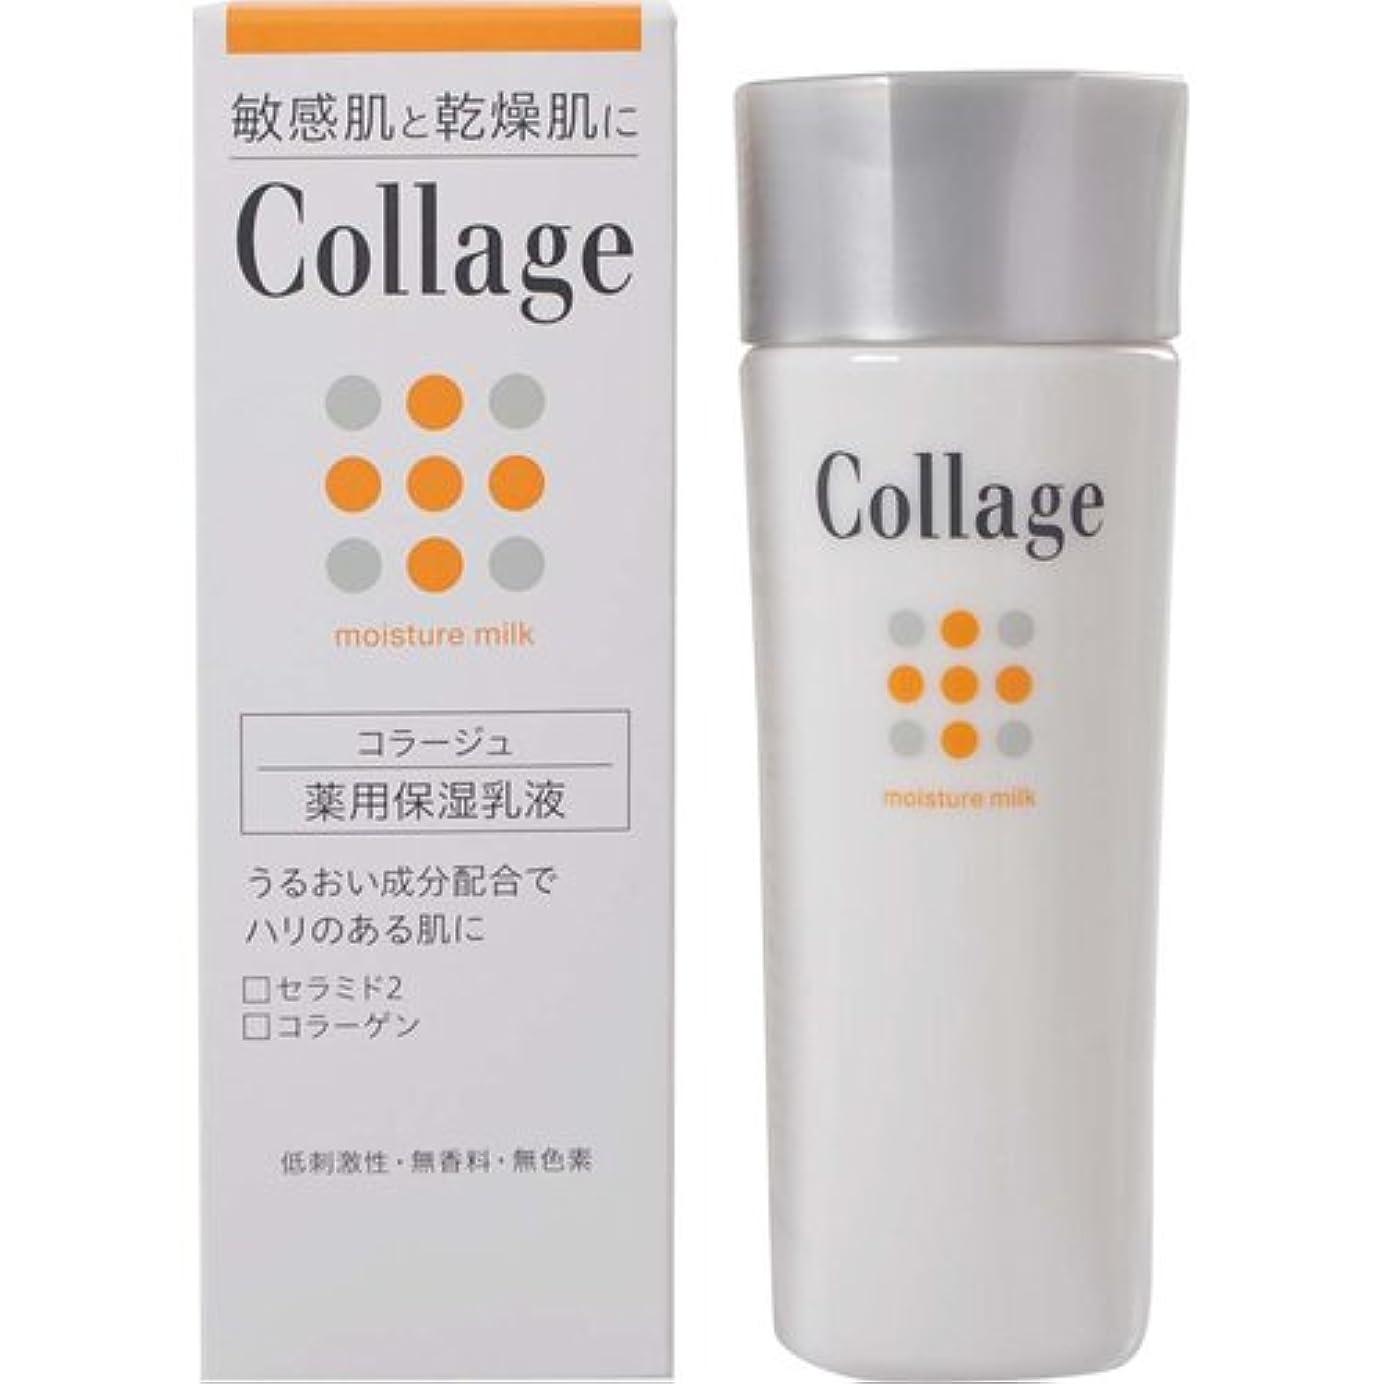 正義失カレッジコラージュ 薬用保湿乳液 80mL 【医薬部外品】